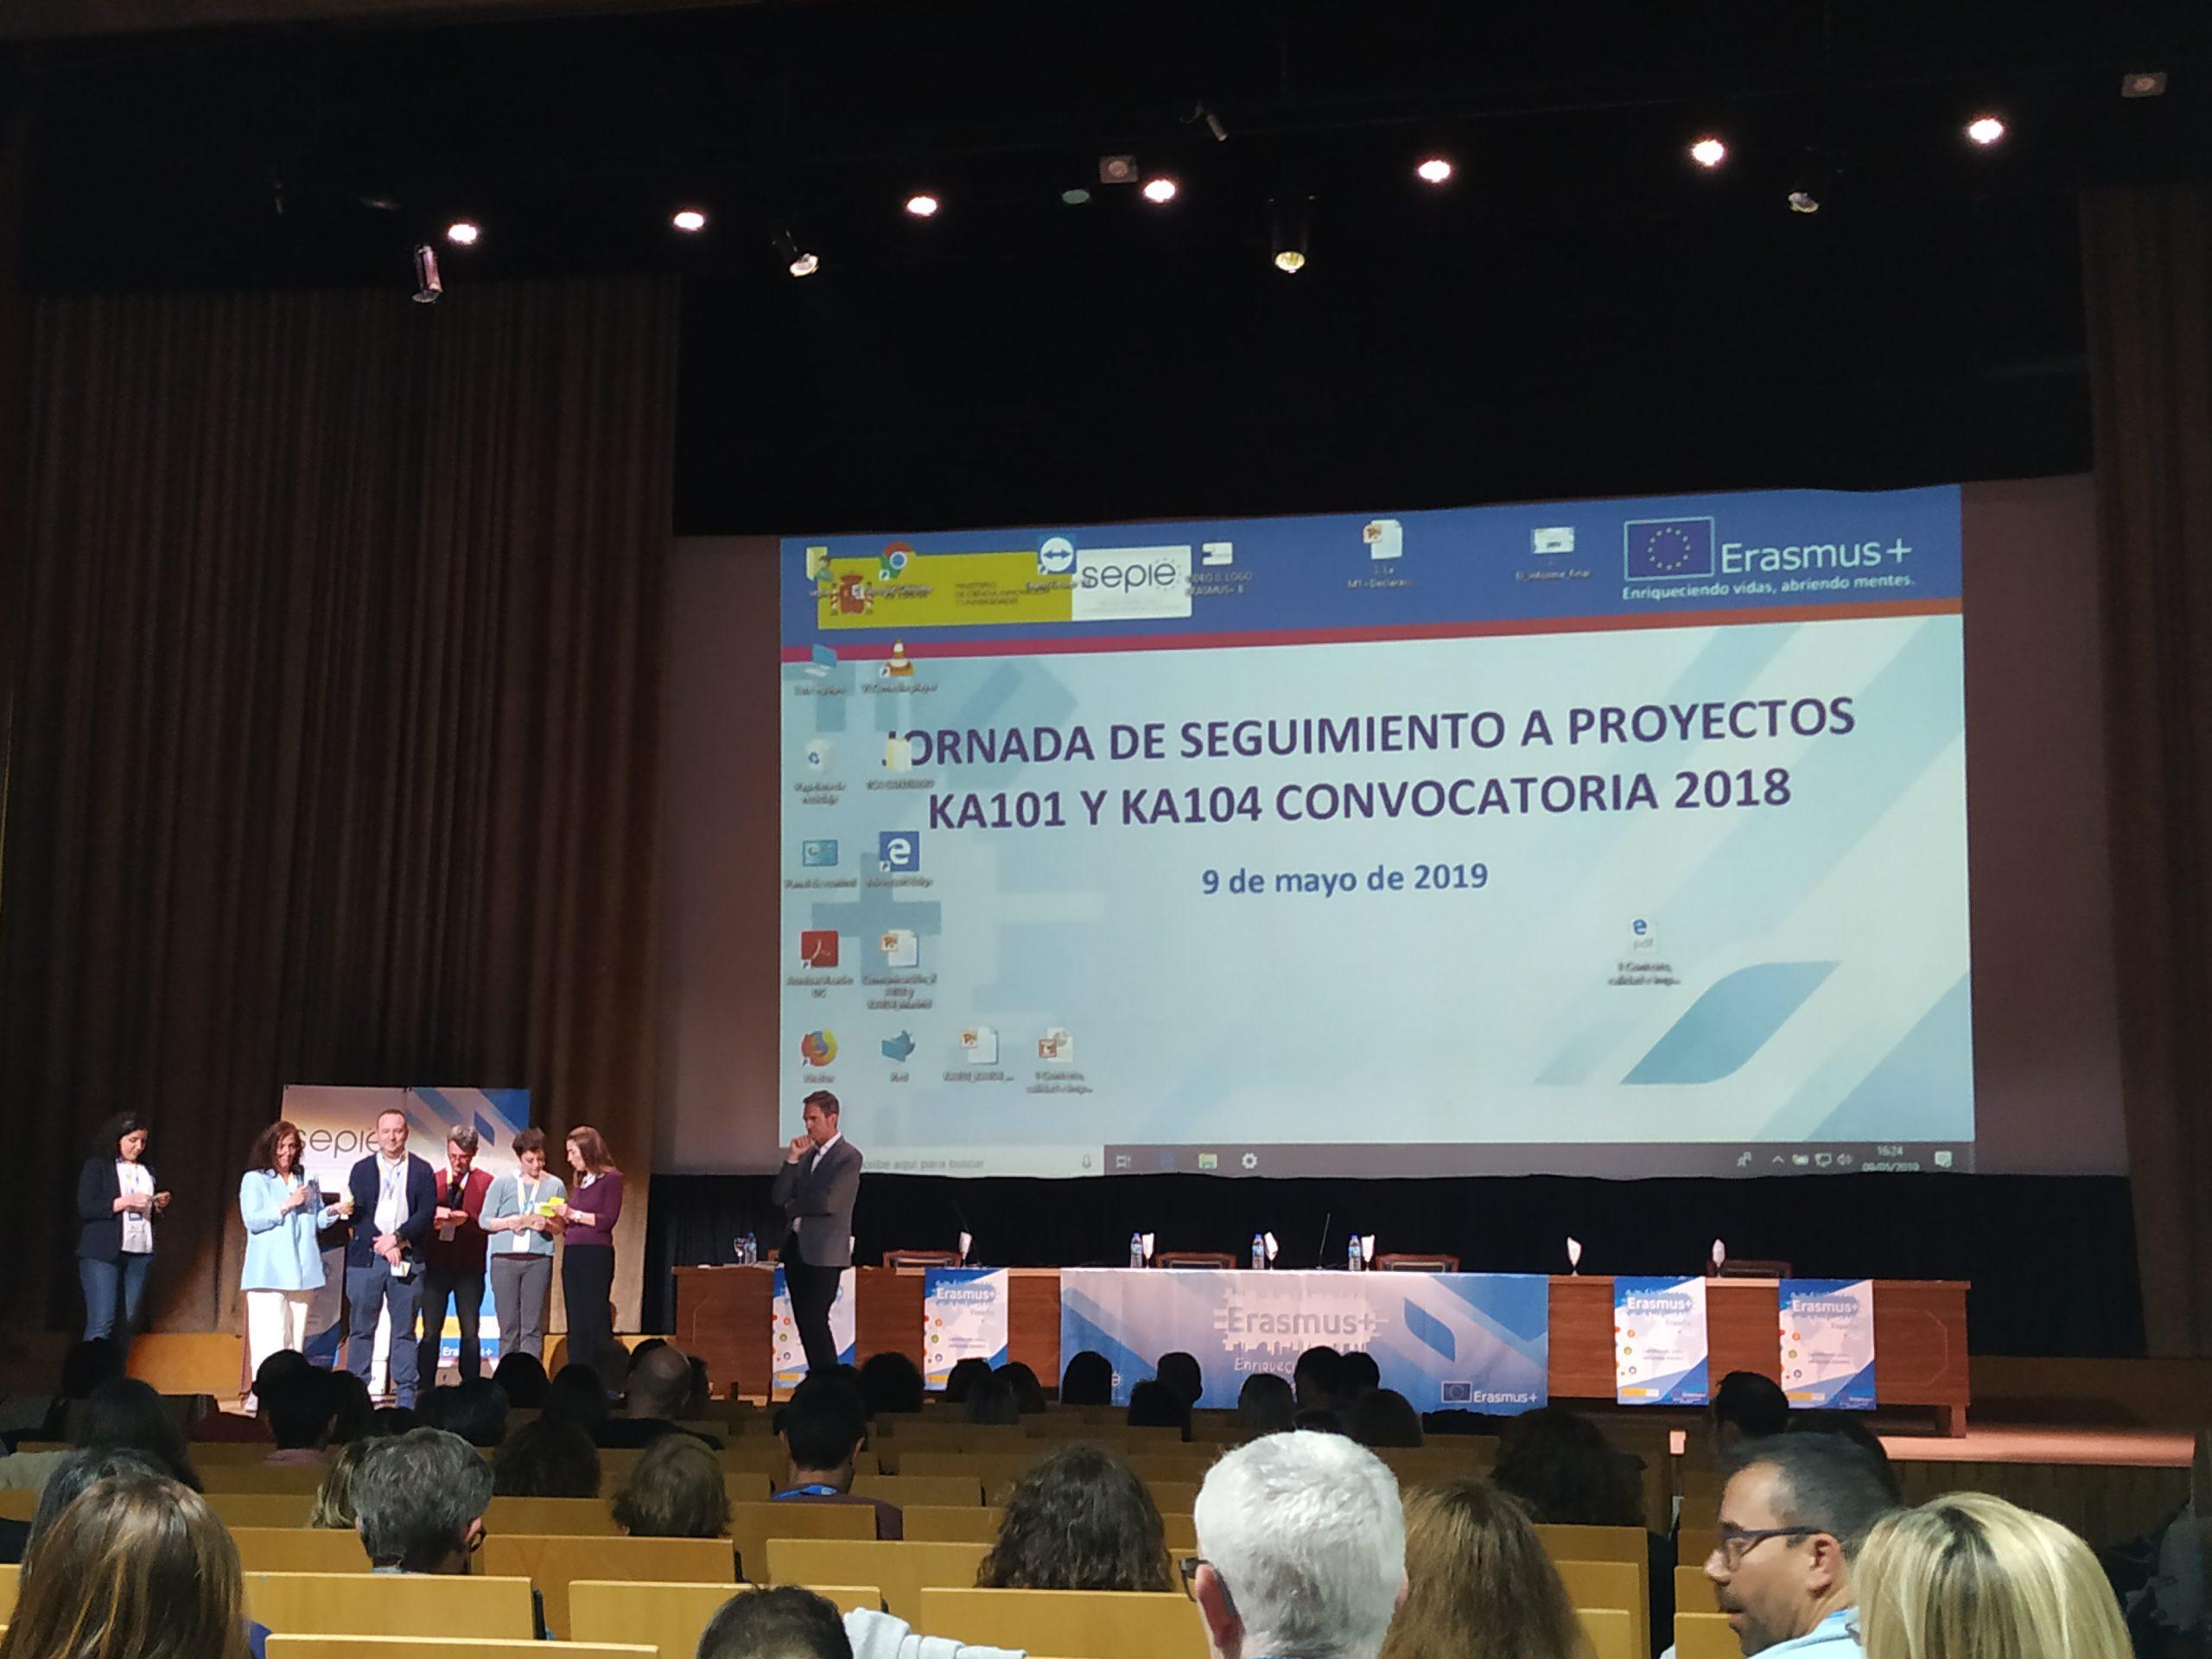 PROJECTE ERASMUS+ 2018-2020